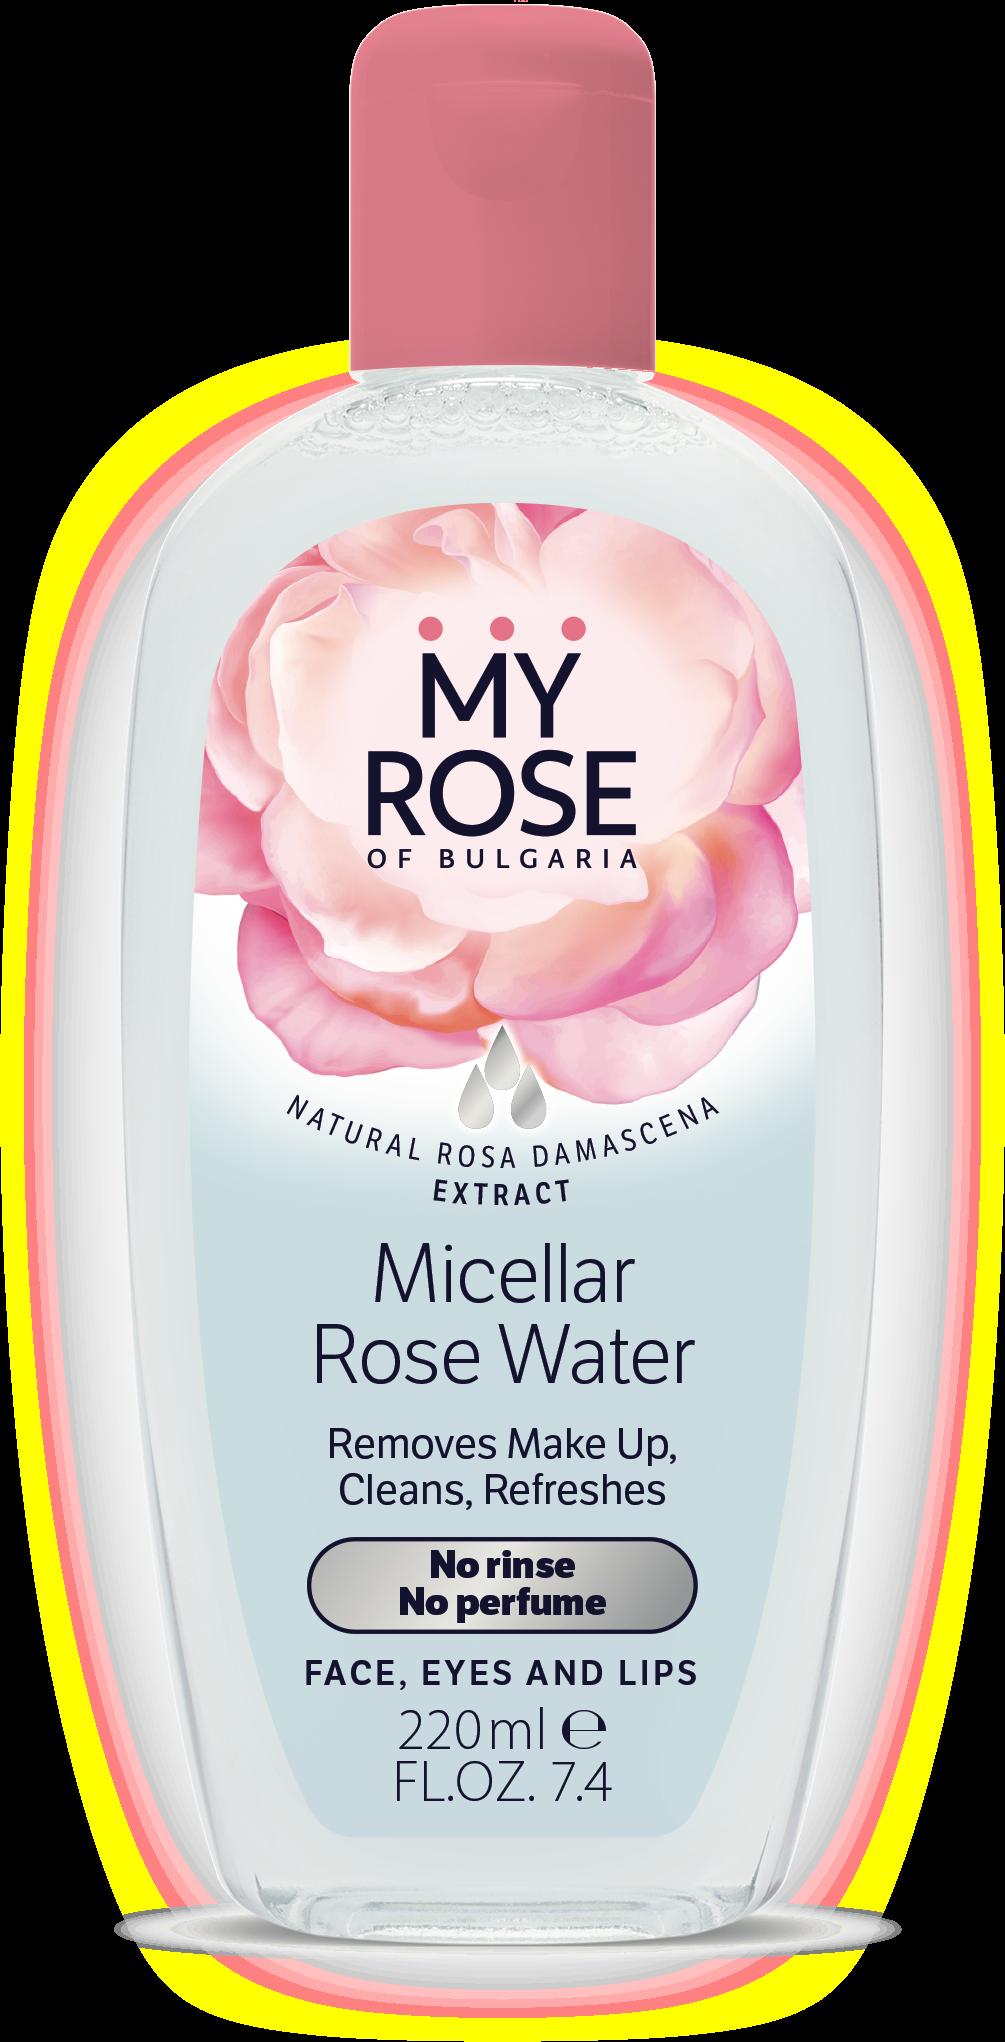 Micellar Rose Water